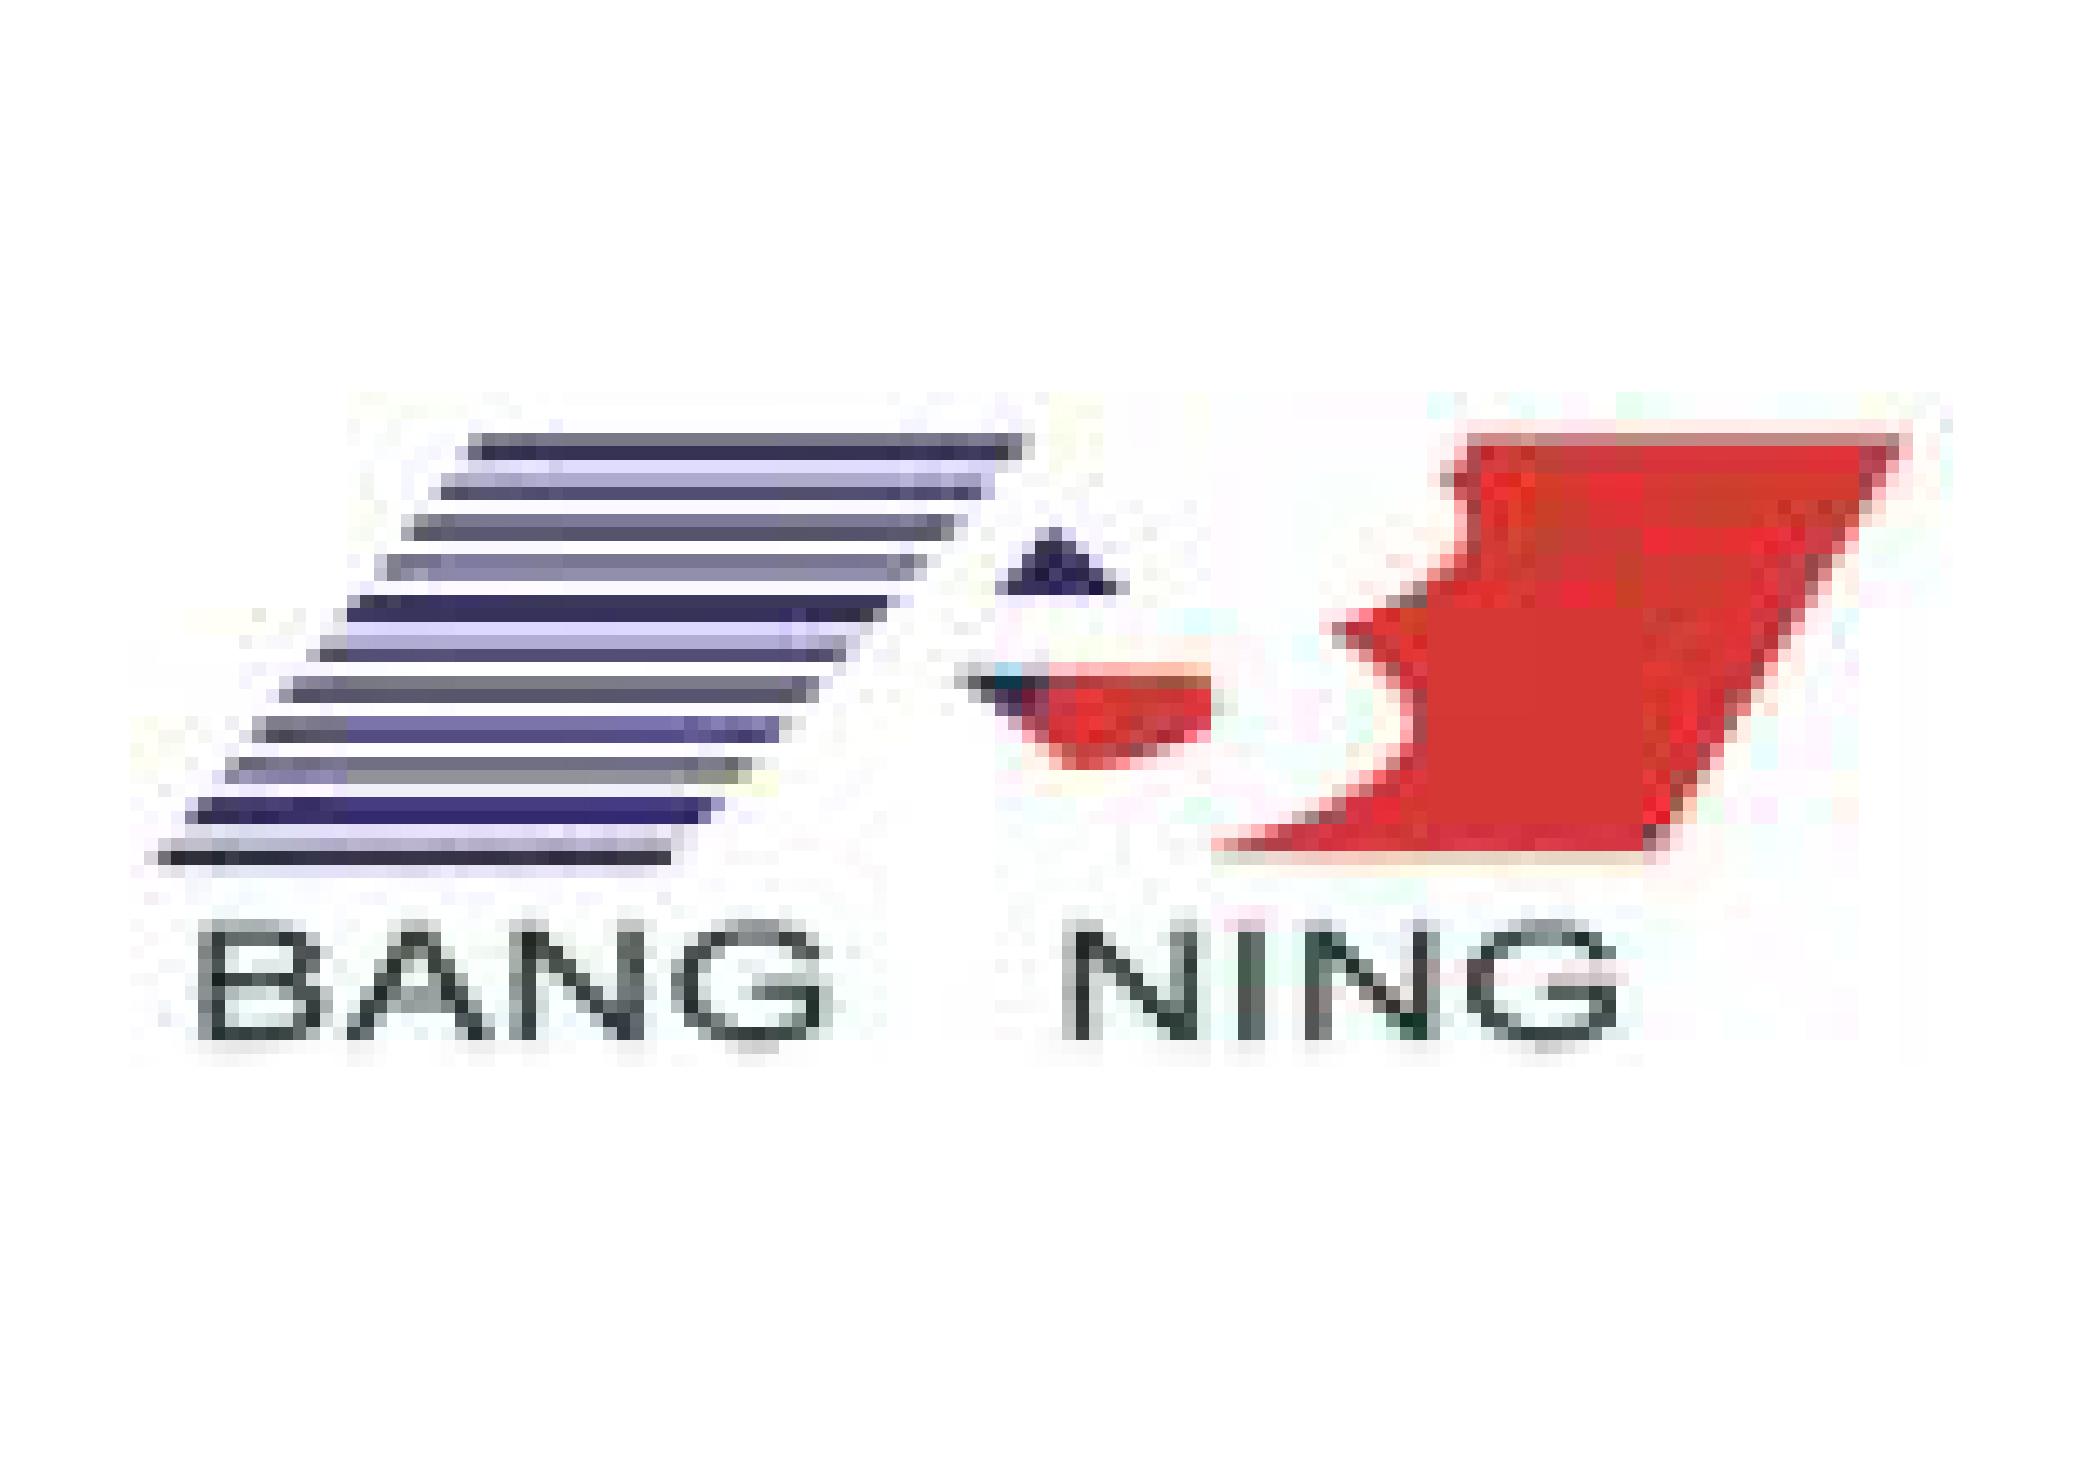 Jiangsu Bangning Science & Technology Co., Ltd